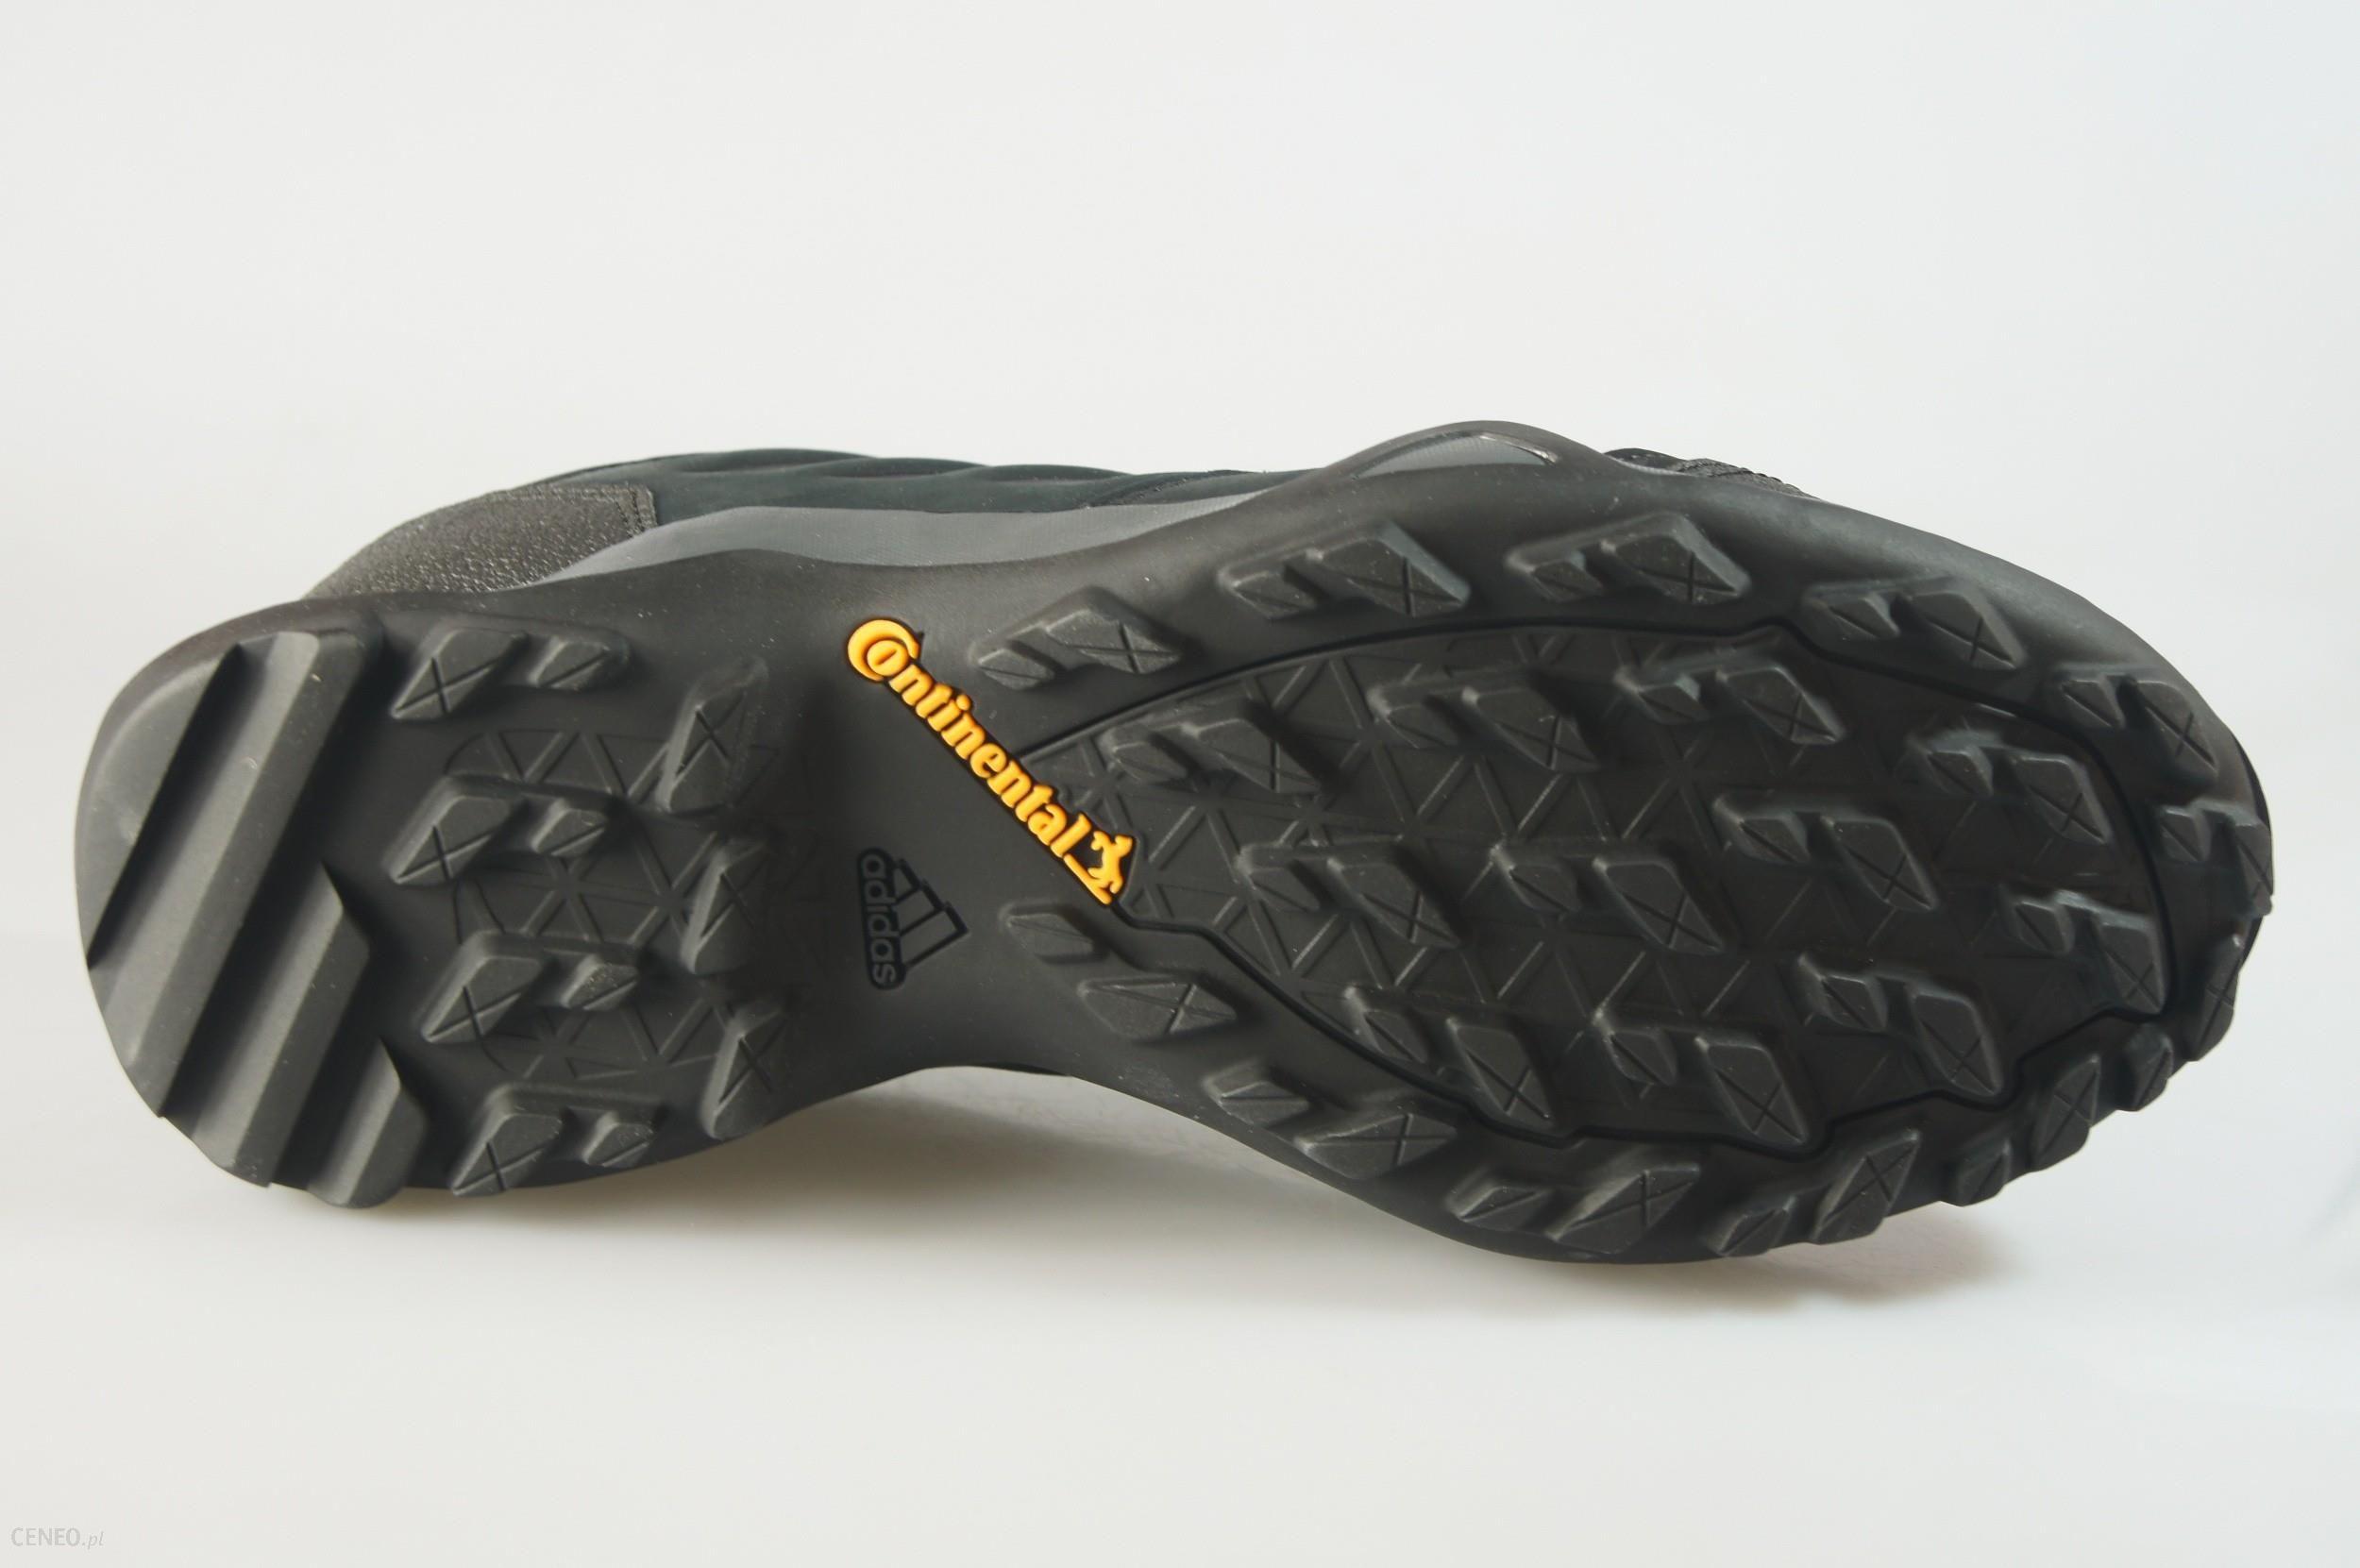 Buty m?skie Adidas Terrex Brushwood AC7851 r.43